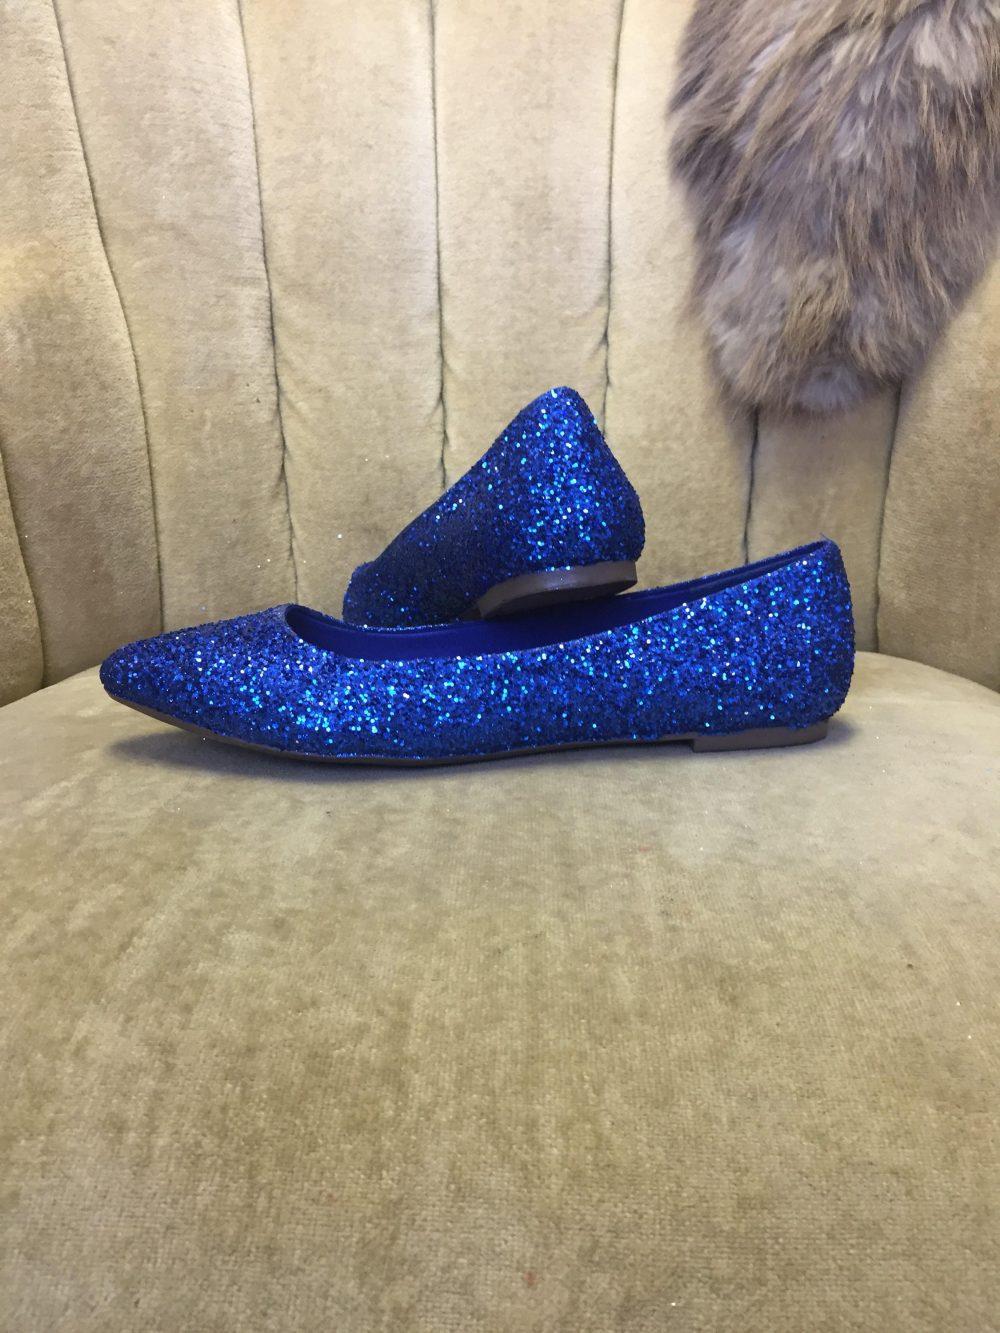 Women's Custom Made To Order Blue Glitter Ballet Flats. Pointed Toe Glitter Slip On Shoes